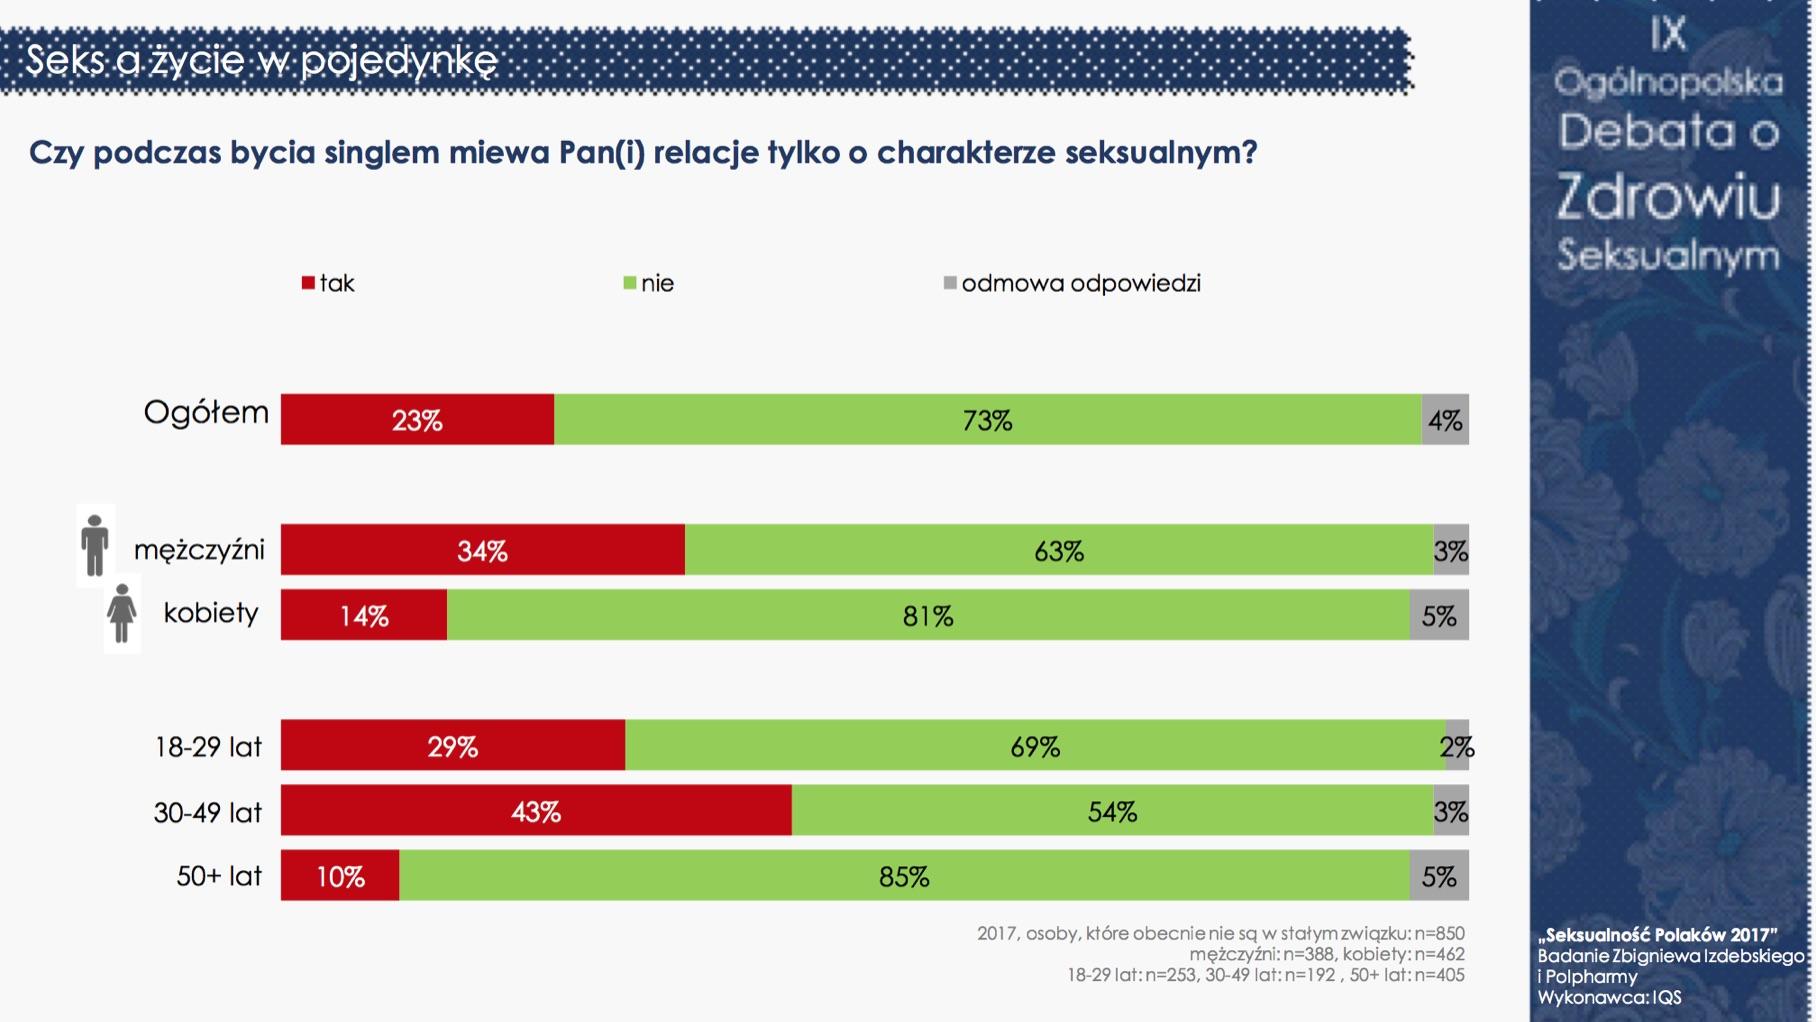 """""""Seksualność Polaków 2017"""" - nadal jesteśmy grzeczni i powściągliwi (pełne wyniki) Badania mediarun debata seksualnosc 9"""